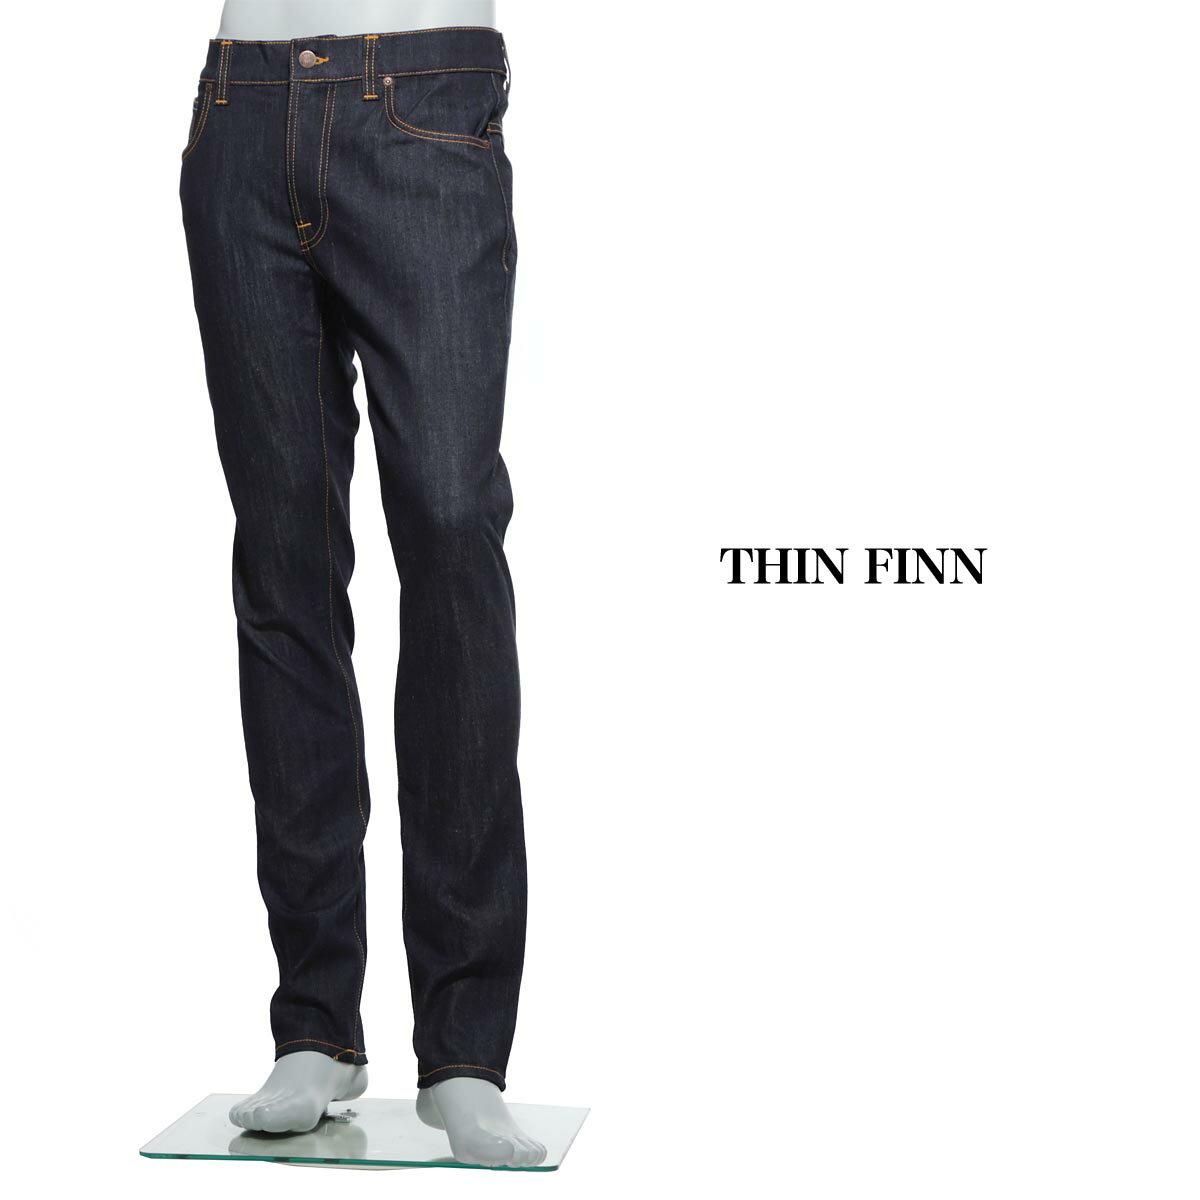 ヌーディージーンズ nudie jeans co ストレッチジーンズ ブルー メンズ シンフィン ストレッチデニム thin finn 110268 THIN FINN【ラッピング無料】【返品送料無料】【171016】